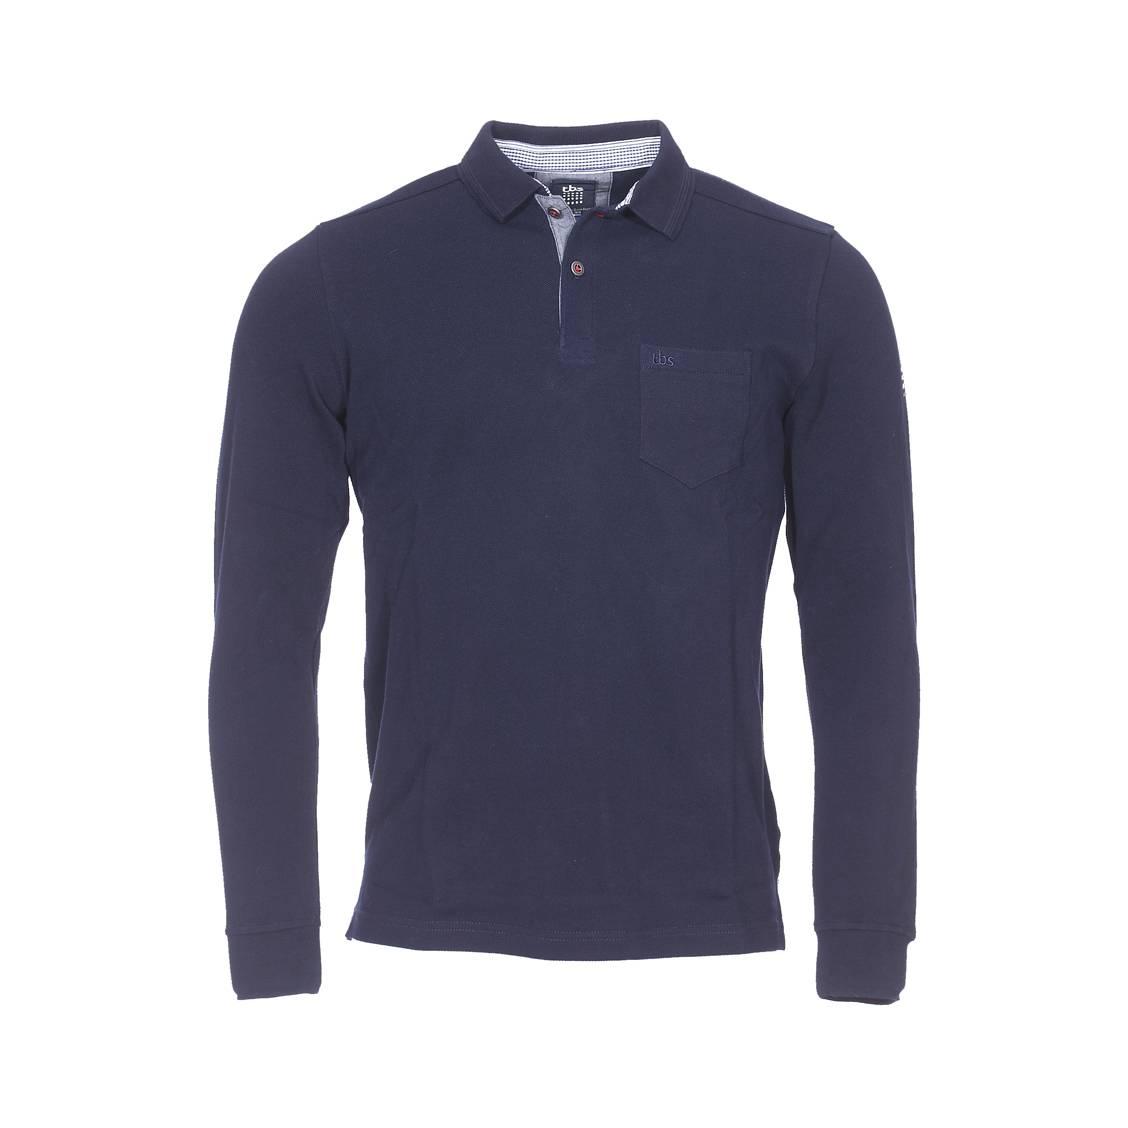 Polo manches longues TBS Amipol en coton piqué bleu marine   Rue Des ... 9b097418ce4e